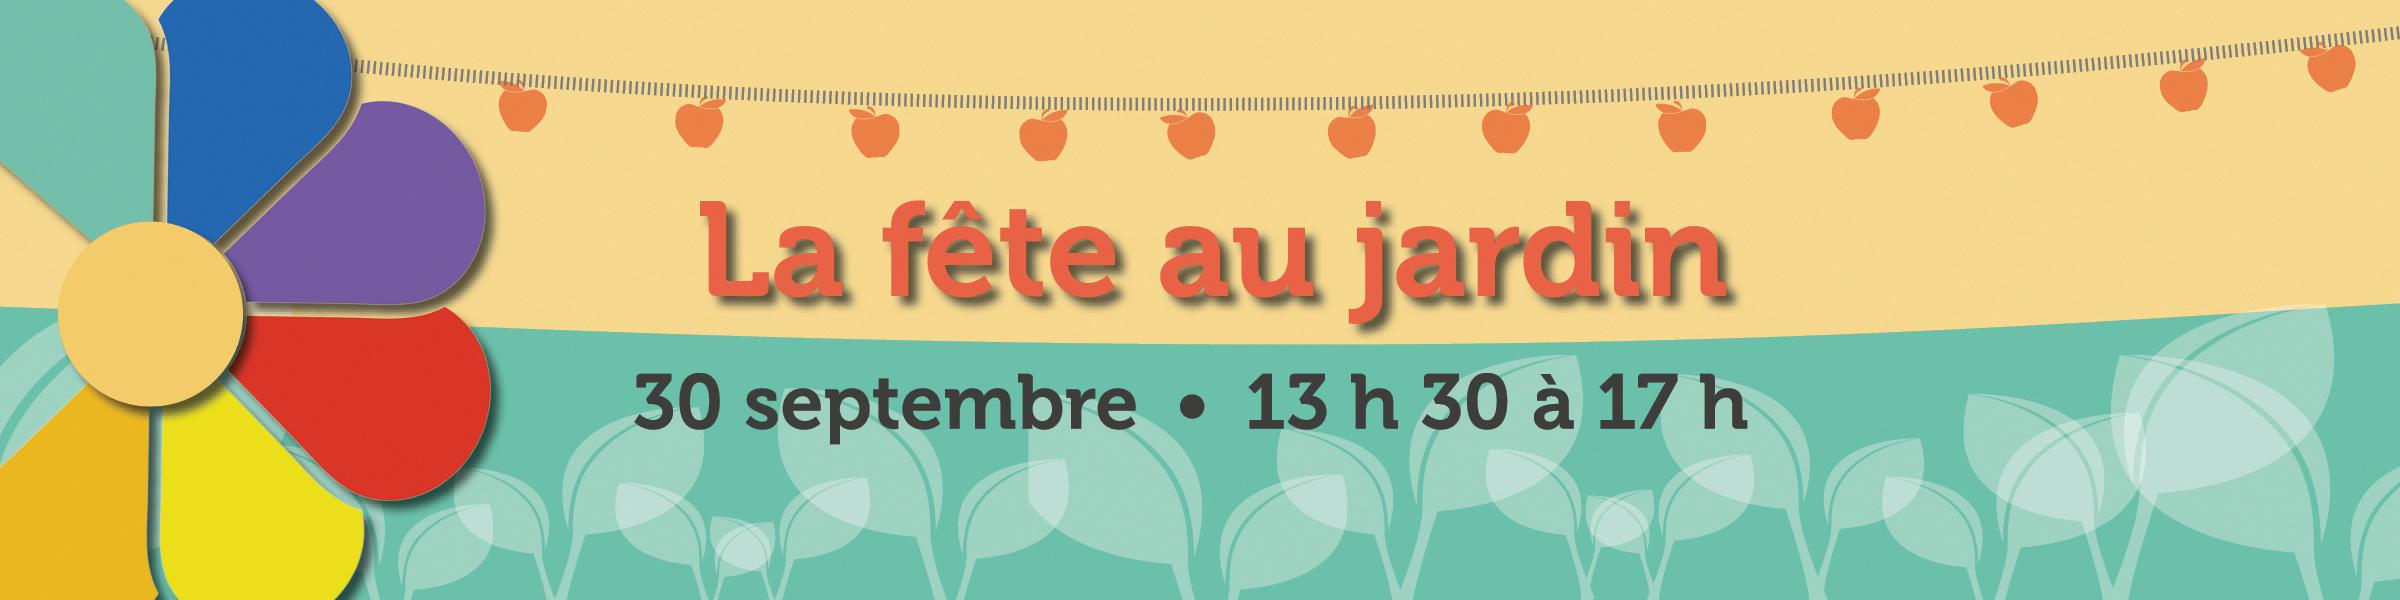 2021-09_feteaujardin_bandeau_fleur_fleur_siteweb